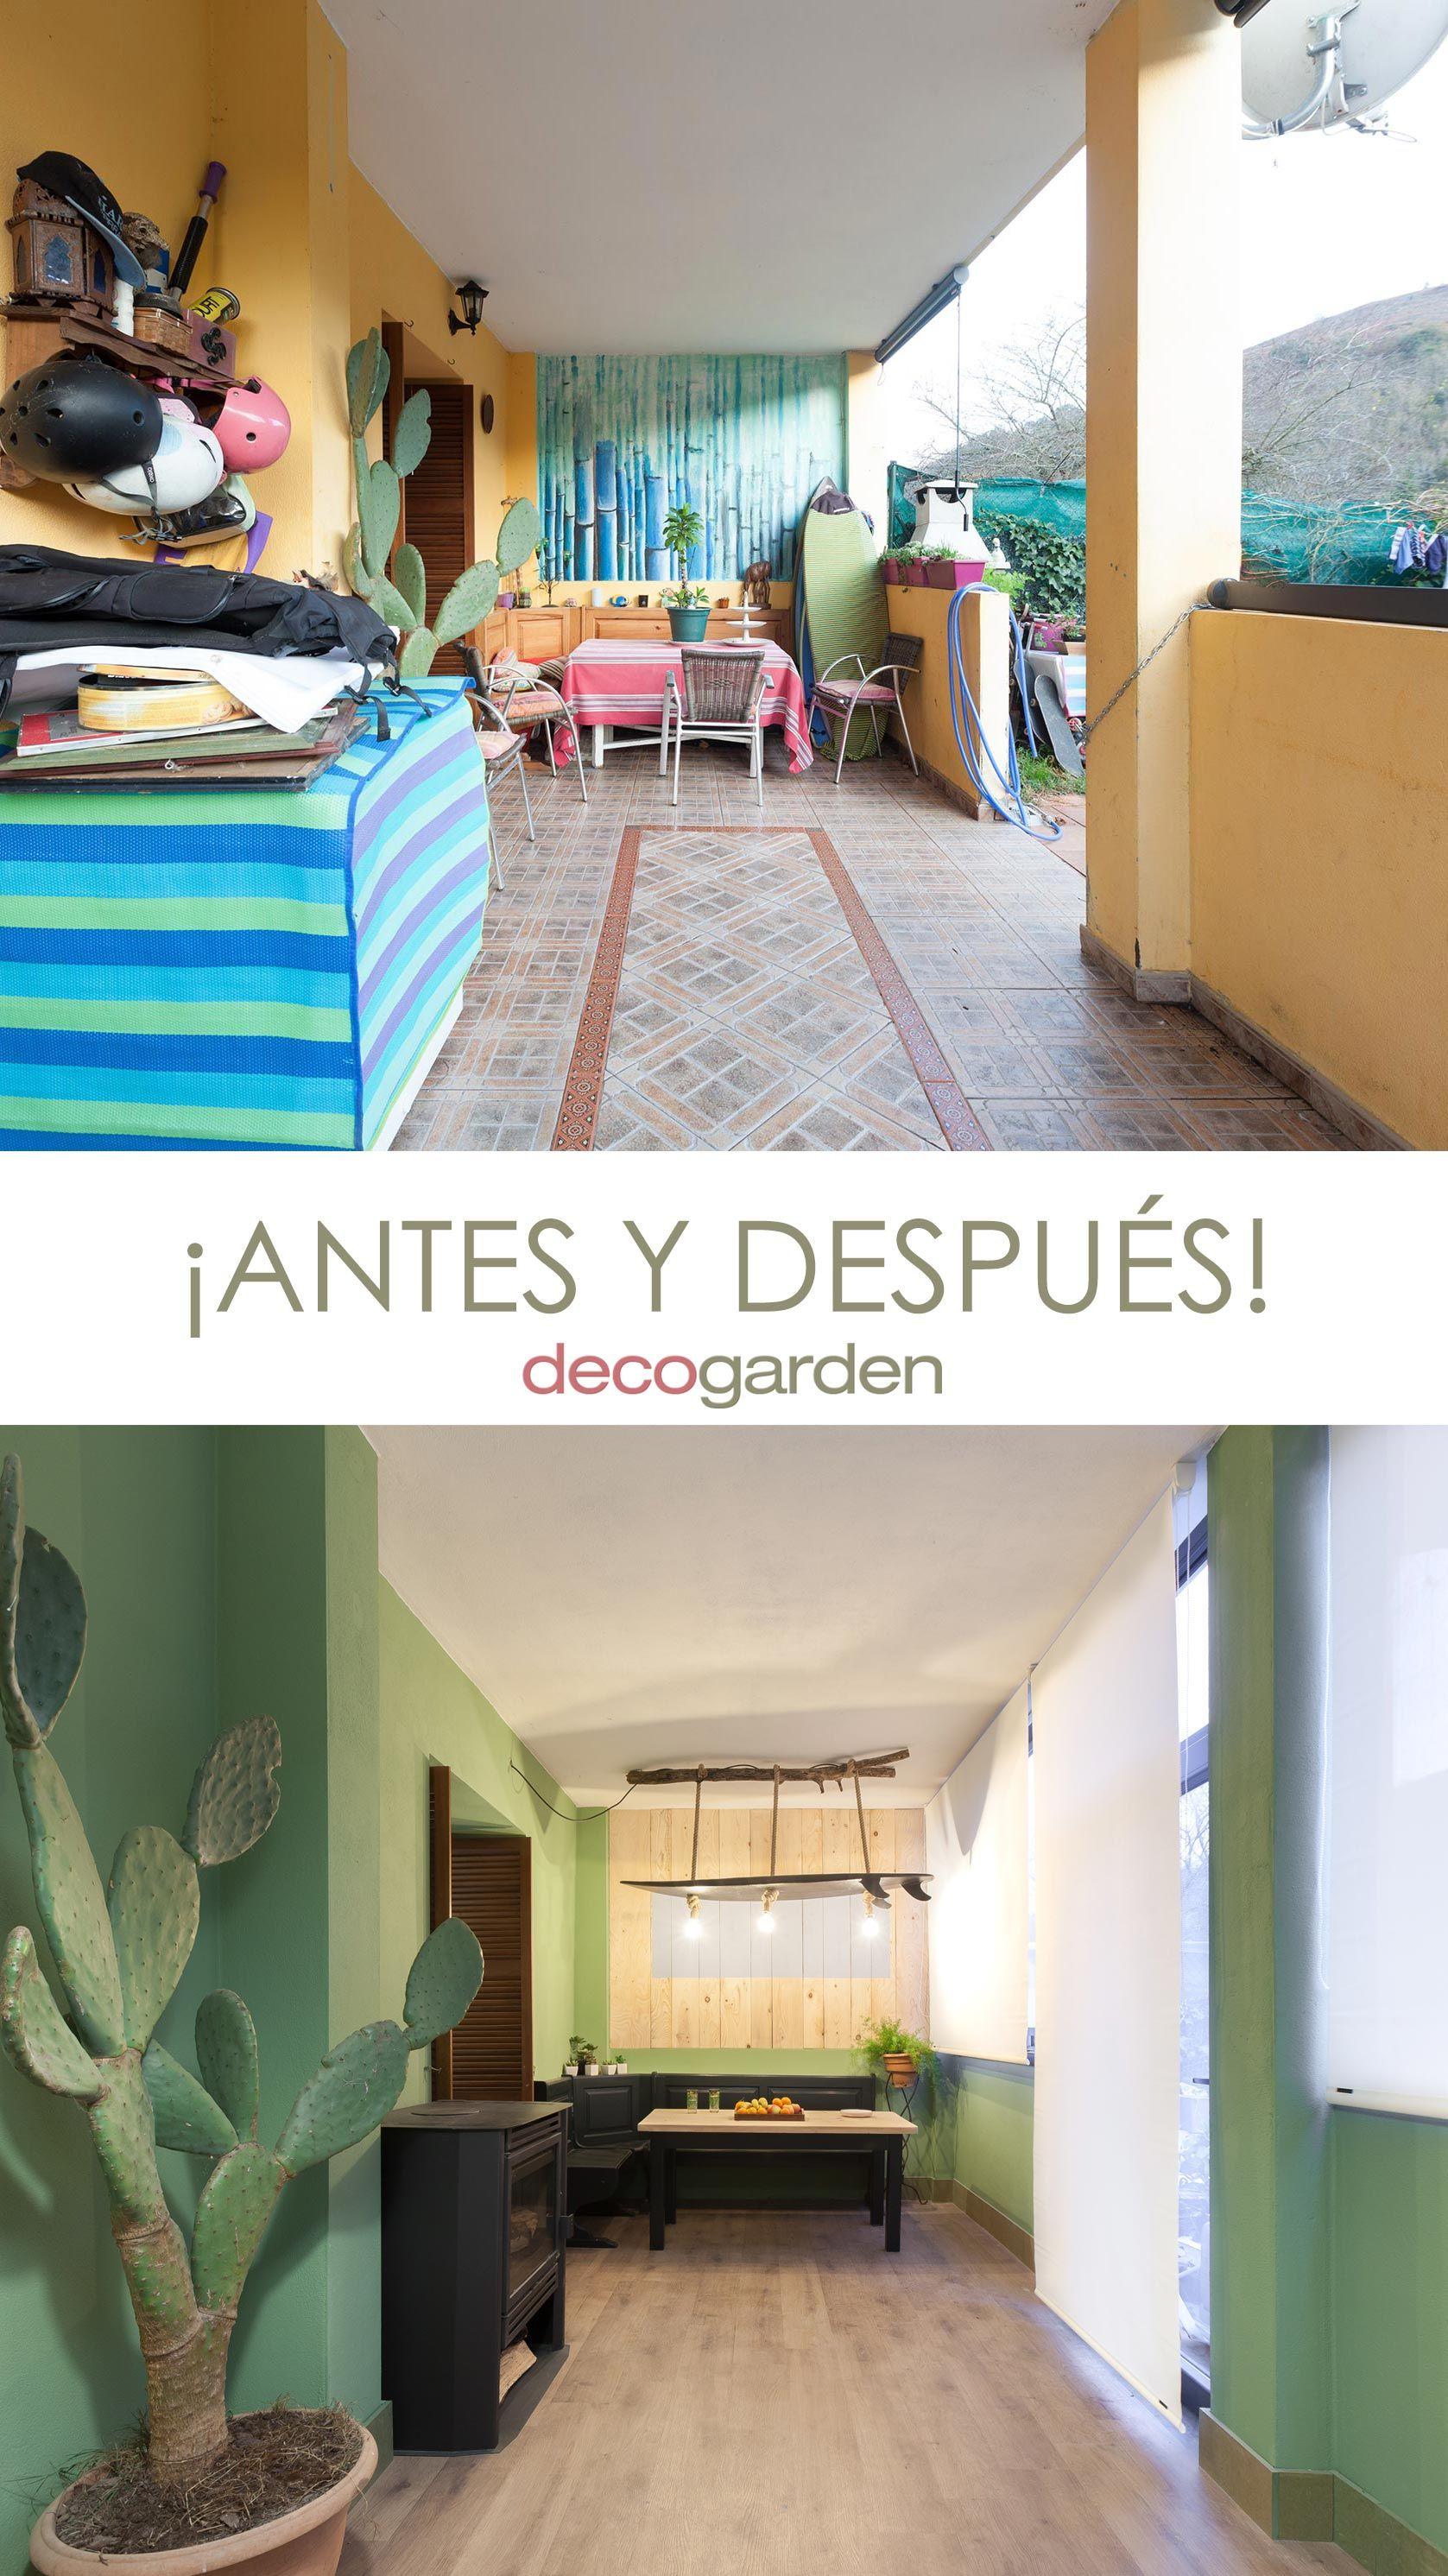 decorar un porche juvenil en color verde - antes y después